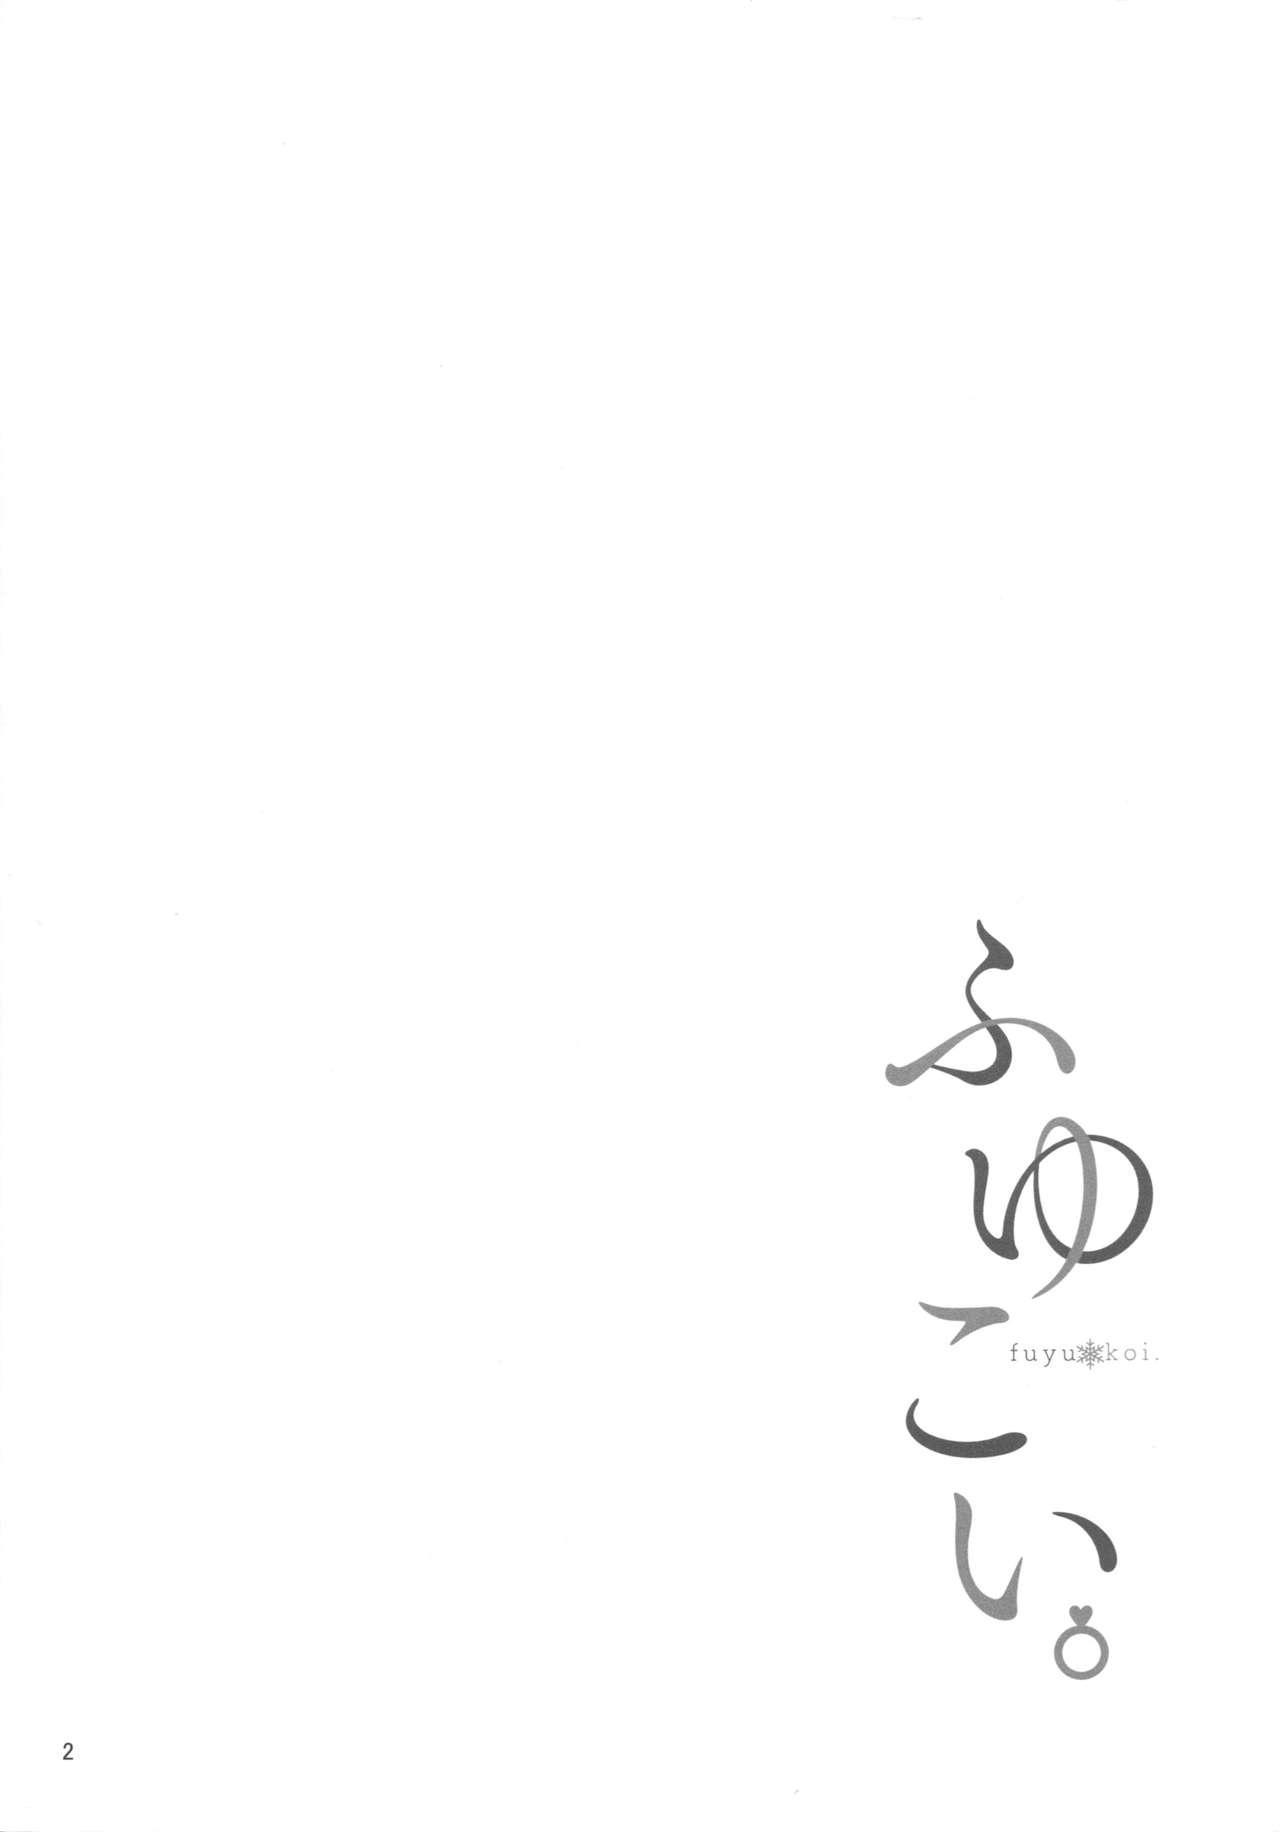 Fuyu Koi. 3